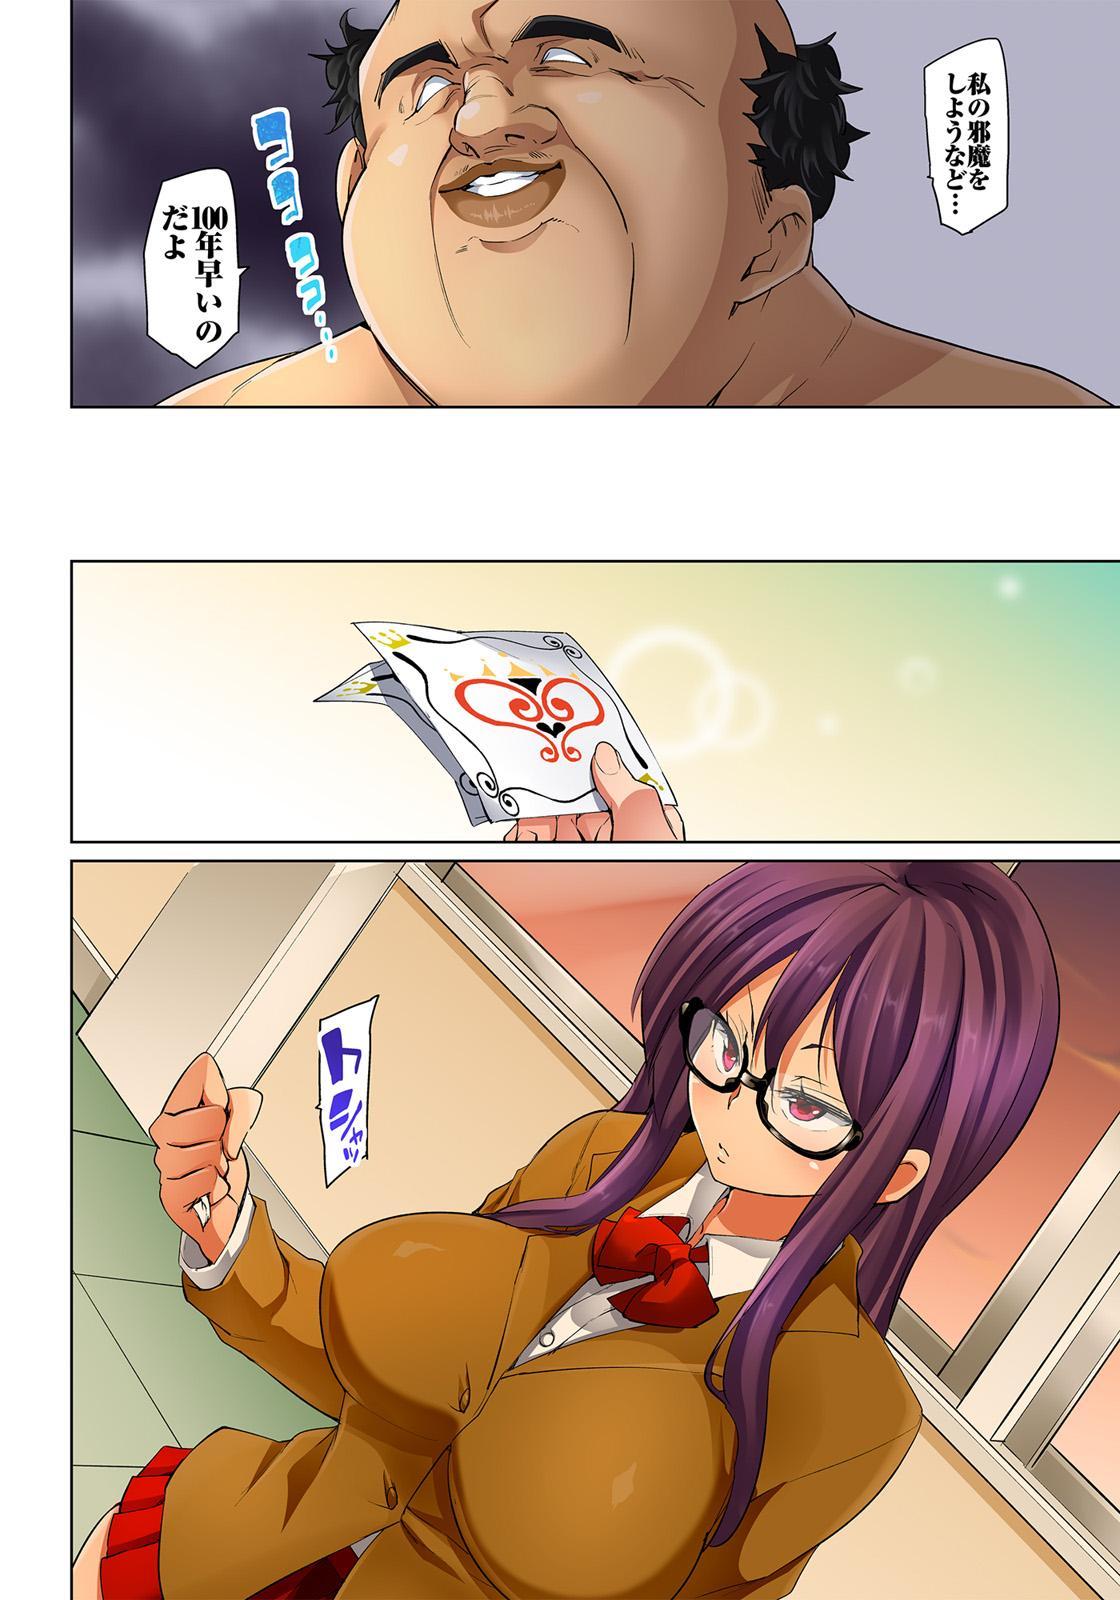 [Marui Maru] Hattara Yarechau!? Ero Seal ~Wagamama JK no Asoko o Tatta 1-mai de Dorei ni~ 1-14 [Digital] 253